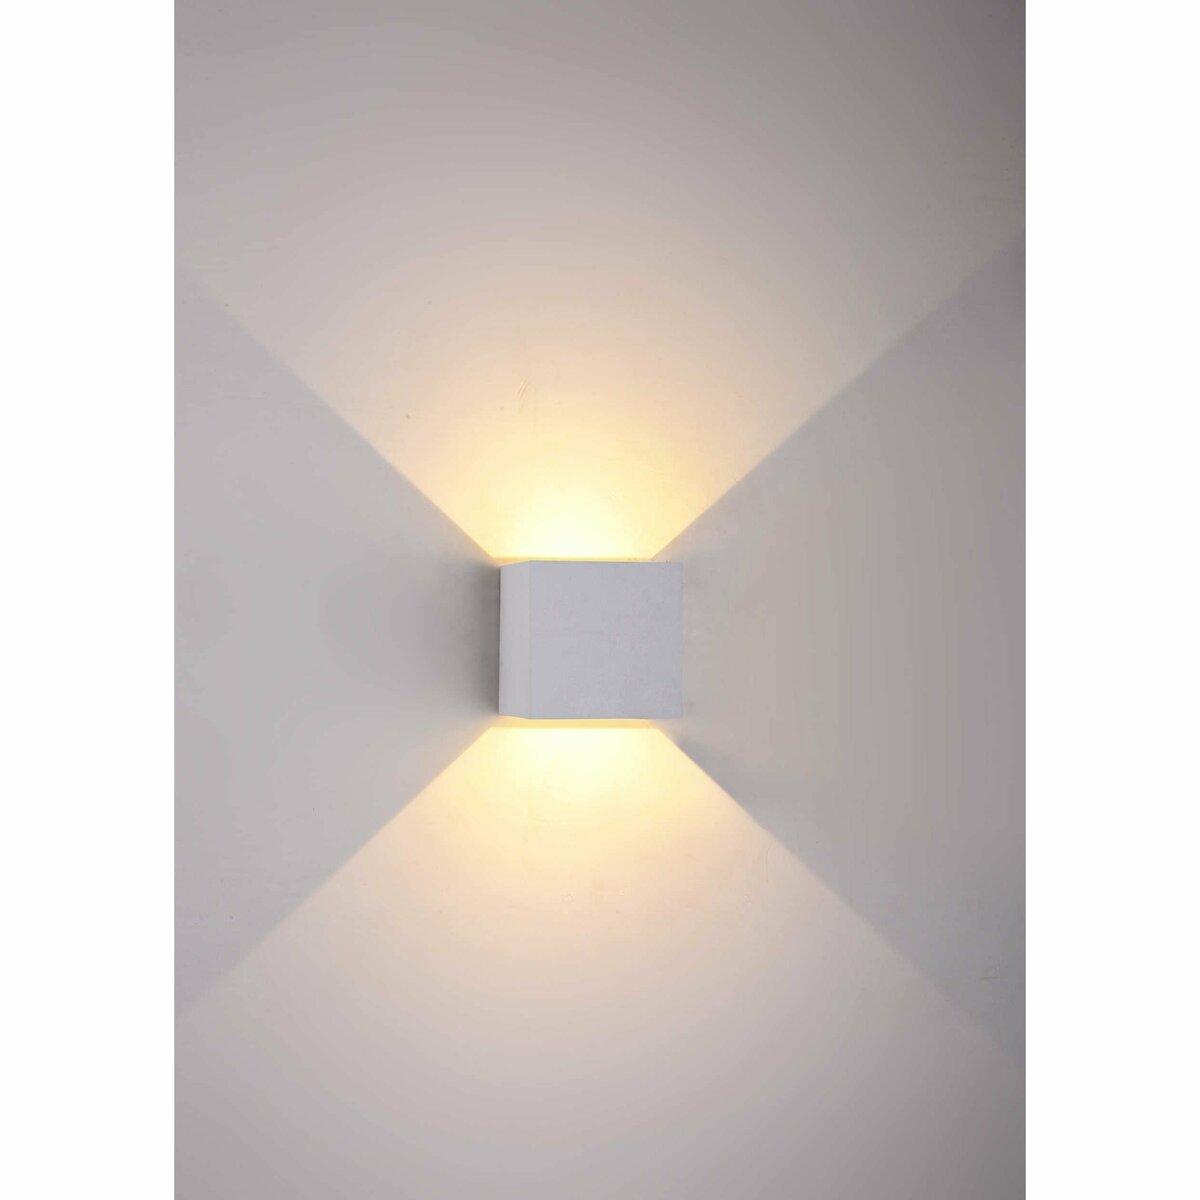 Bild 1 von DesignLive LED-Außenwandleuchte   ARIZONA